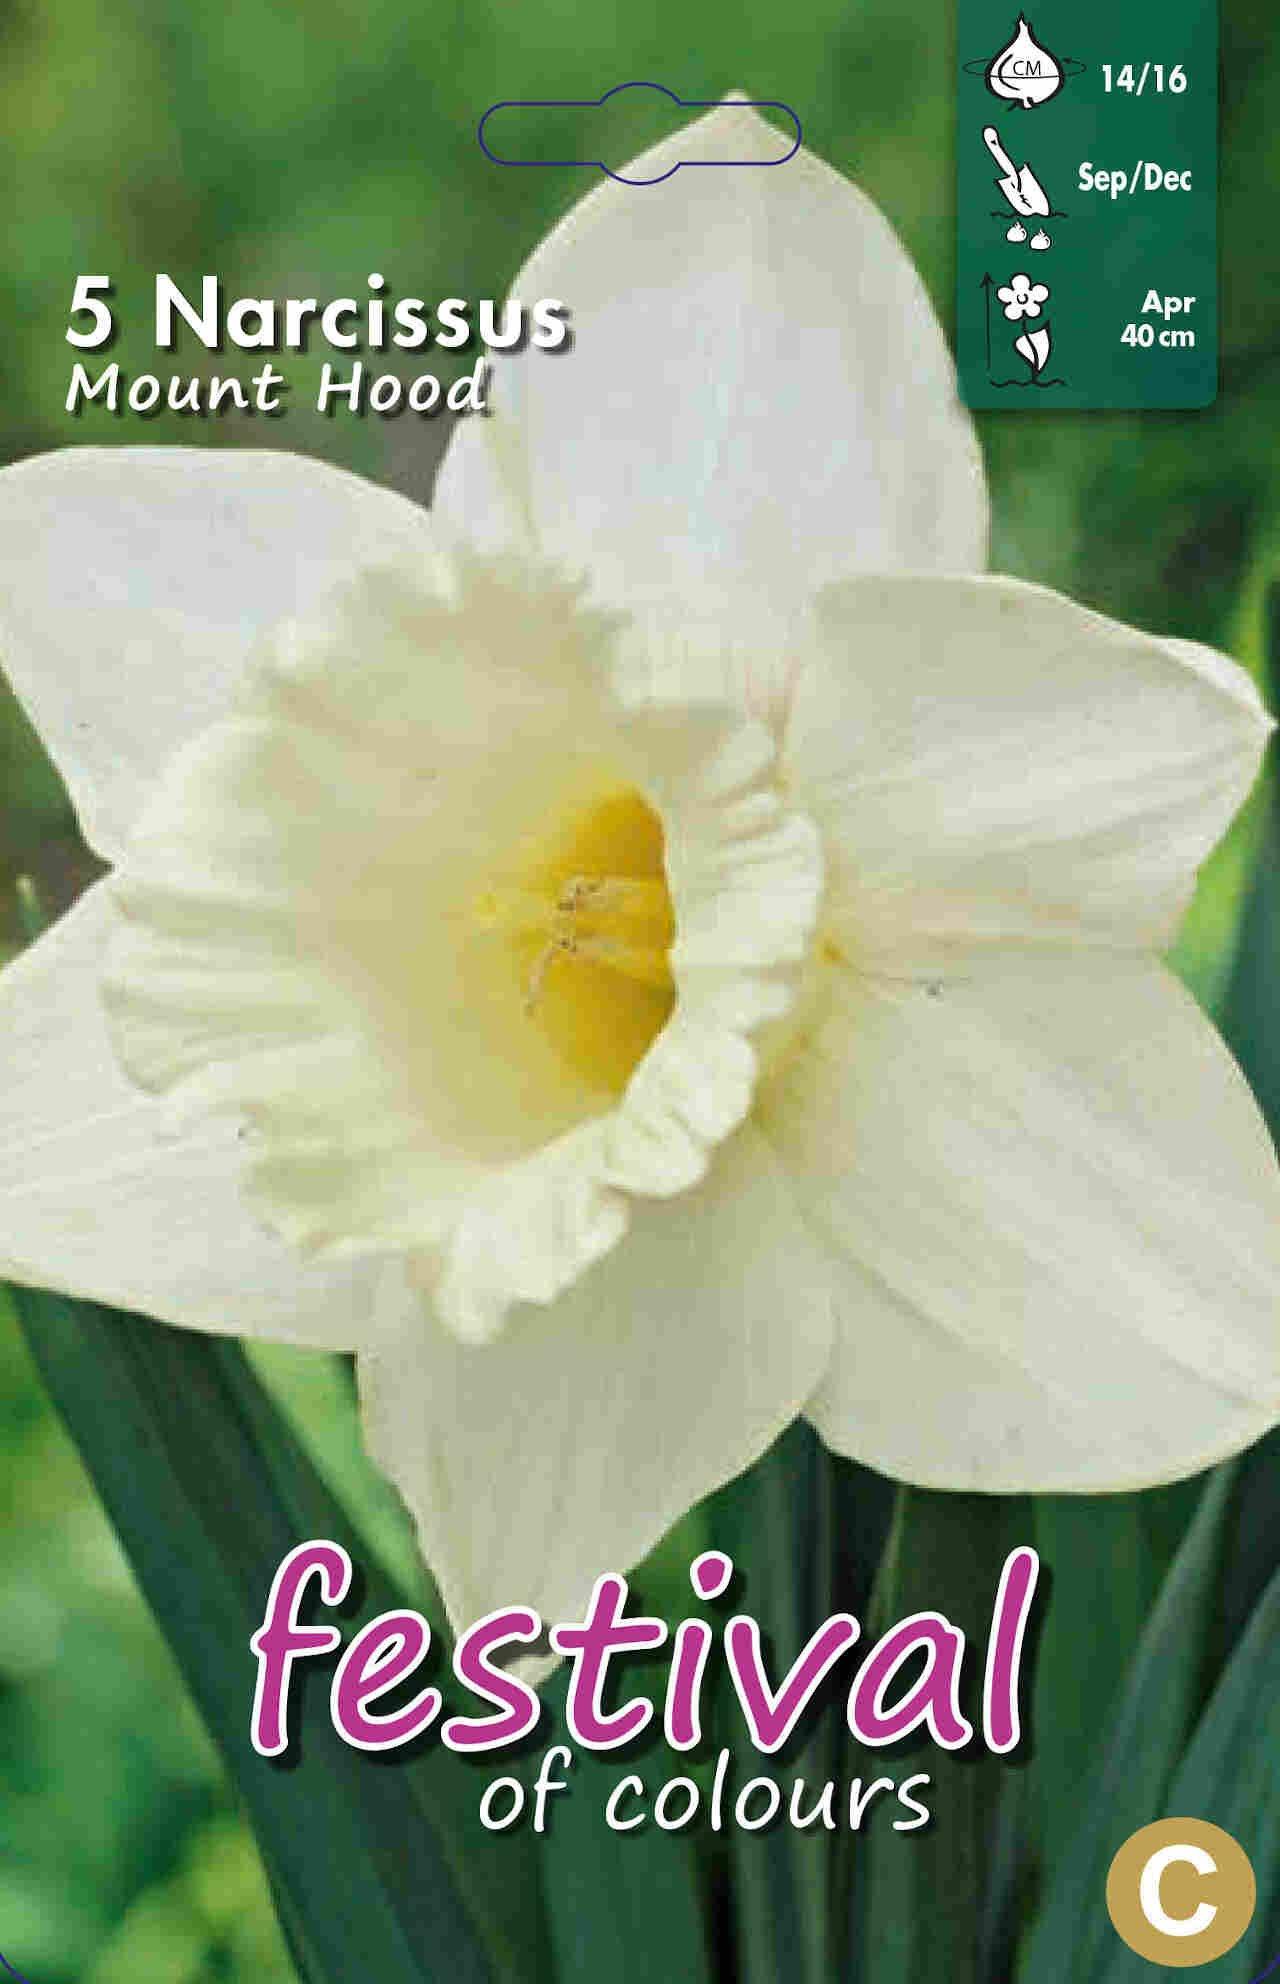 Påskelilje løg - Narcissus Mount Hood 14/16